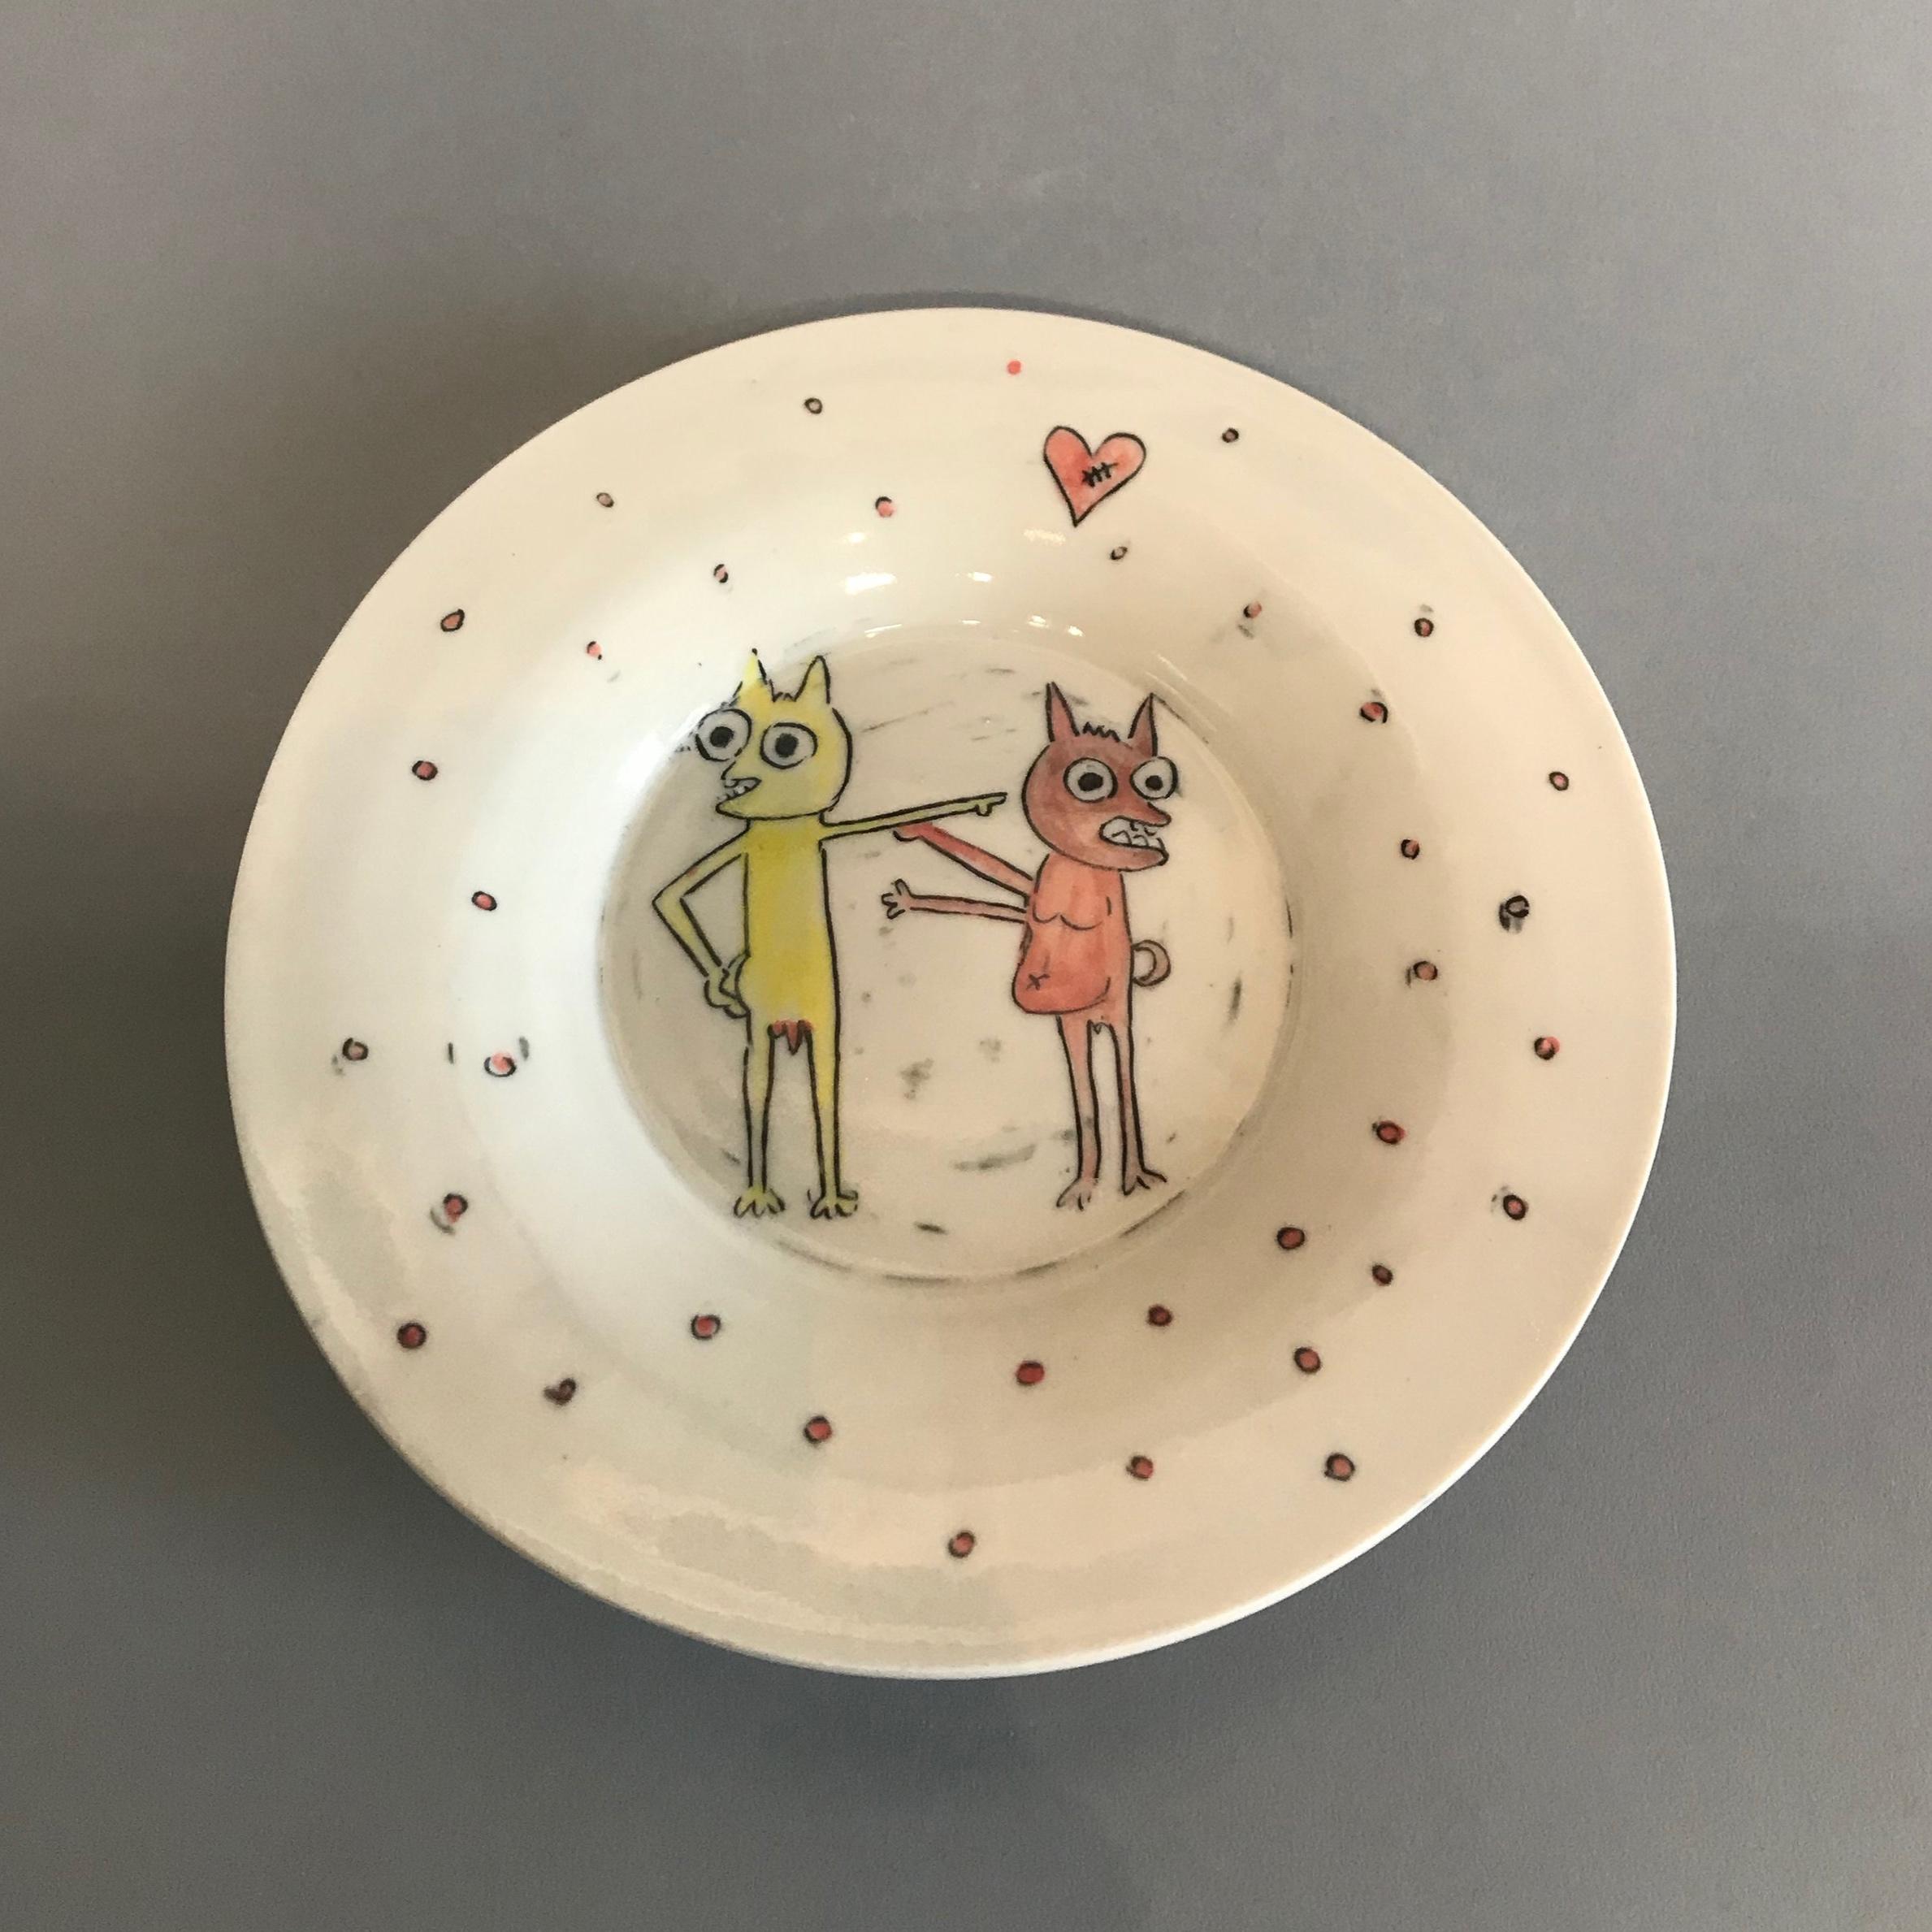 Lovers Plate (10%22).jpg